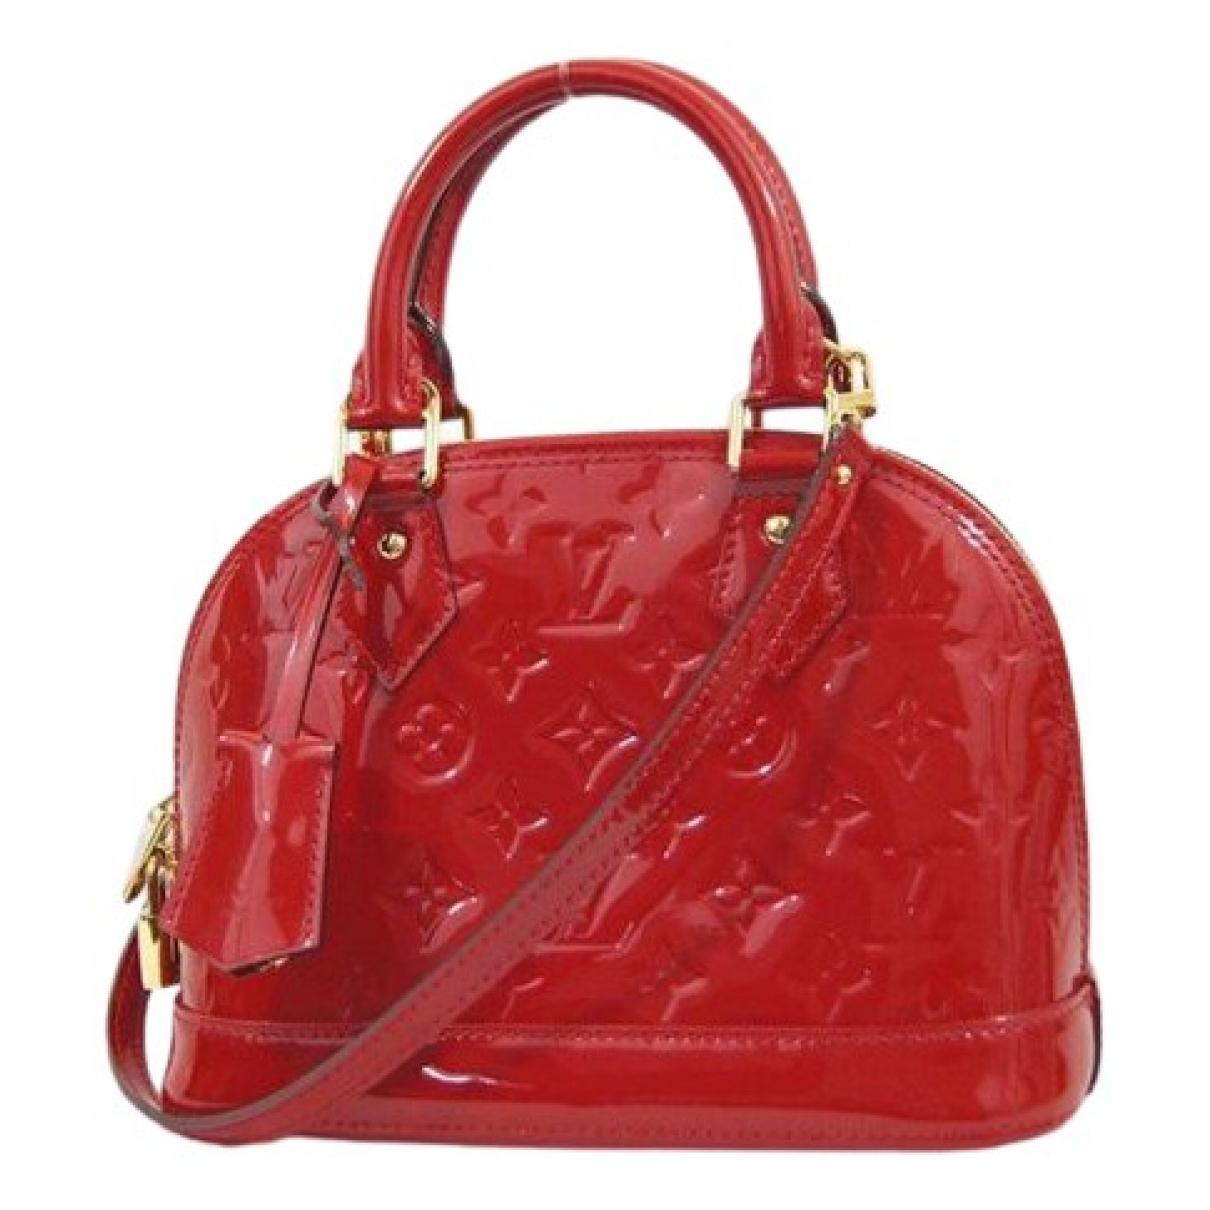 Louis Vuitton - Sac a main Alma BB pour femme en cuir verni - rouge